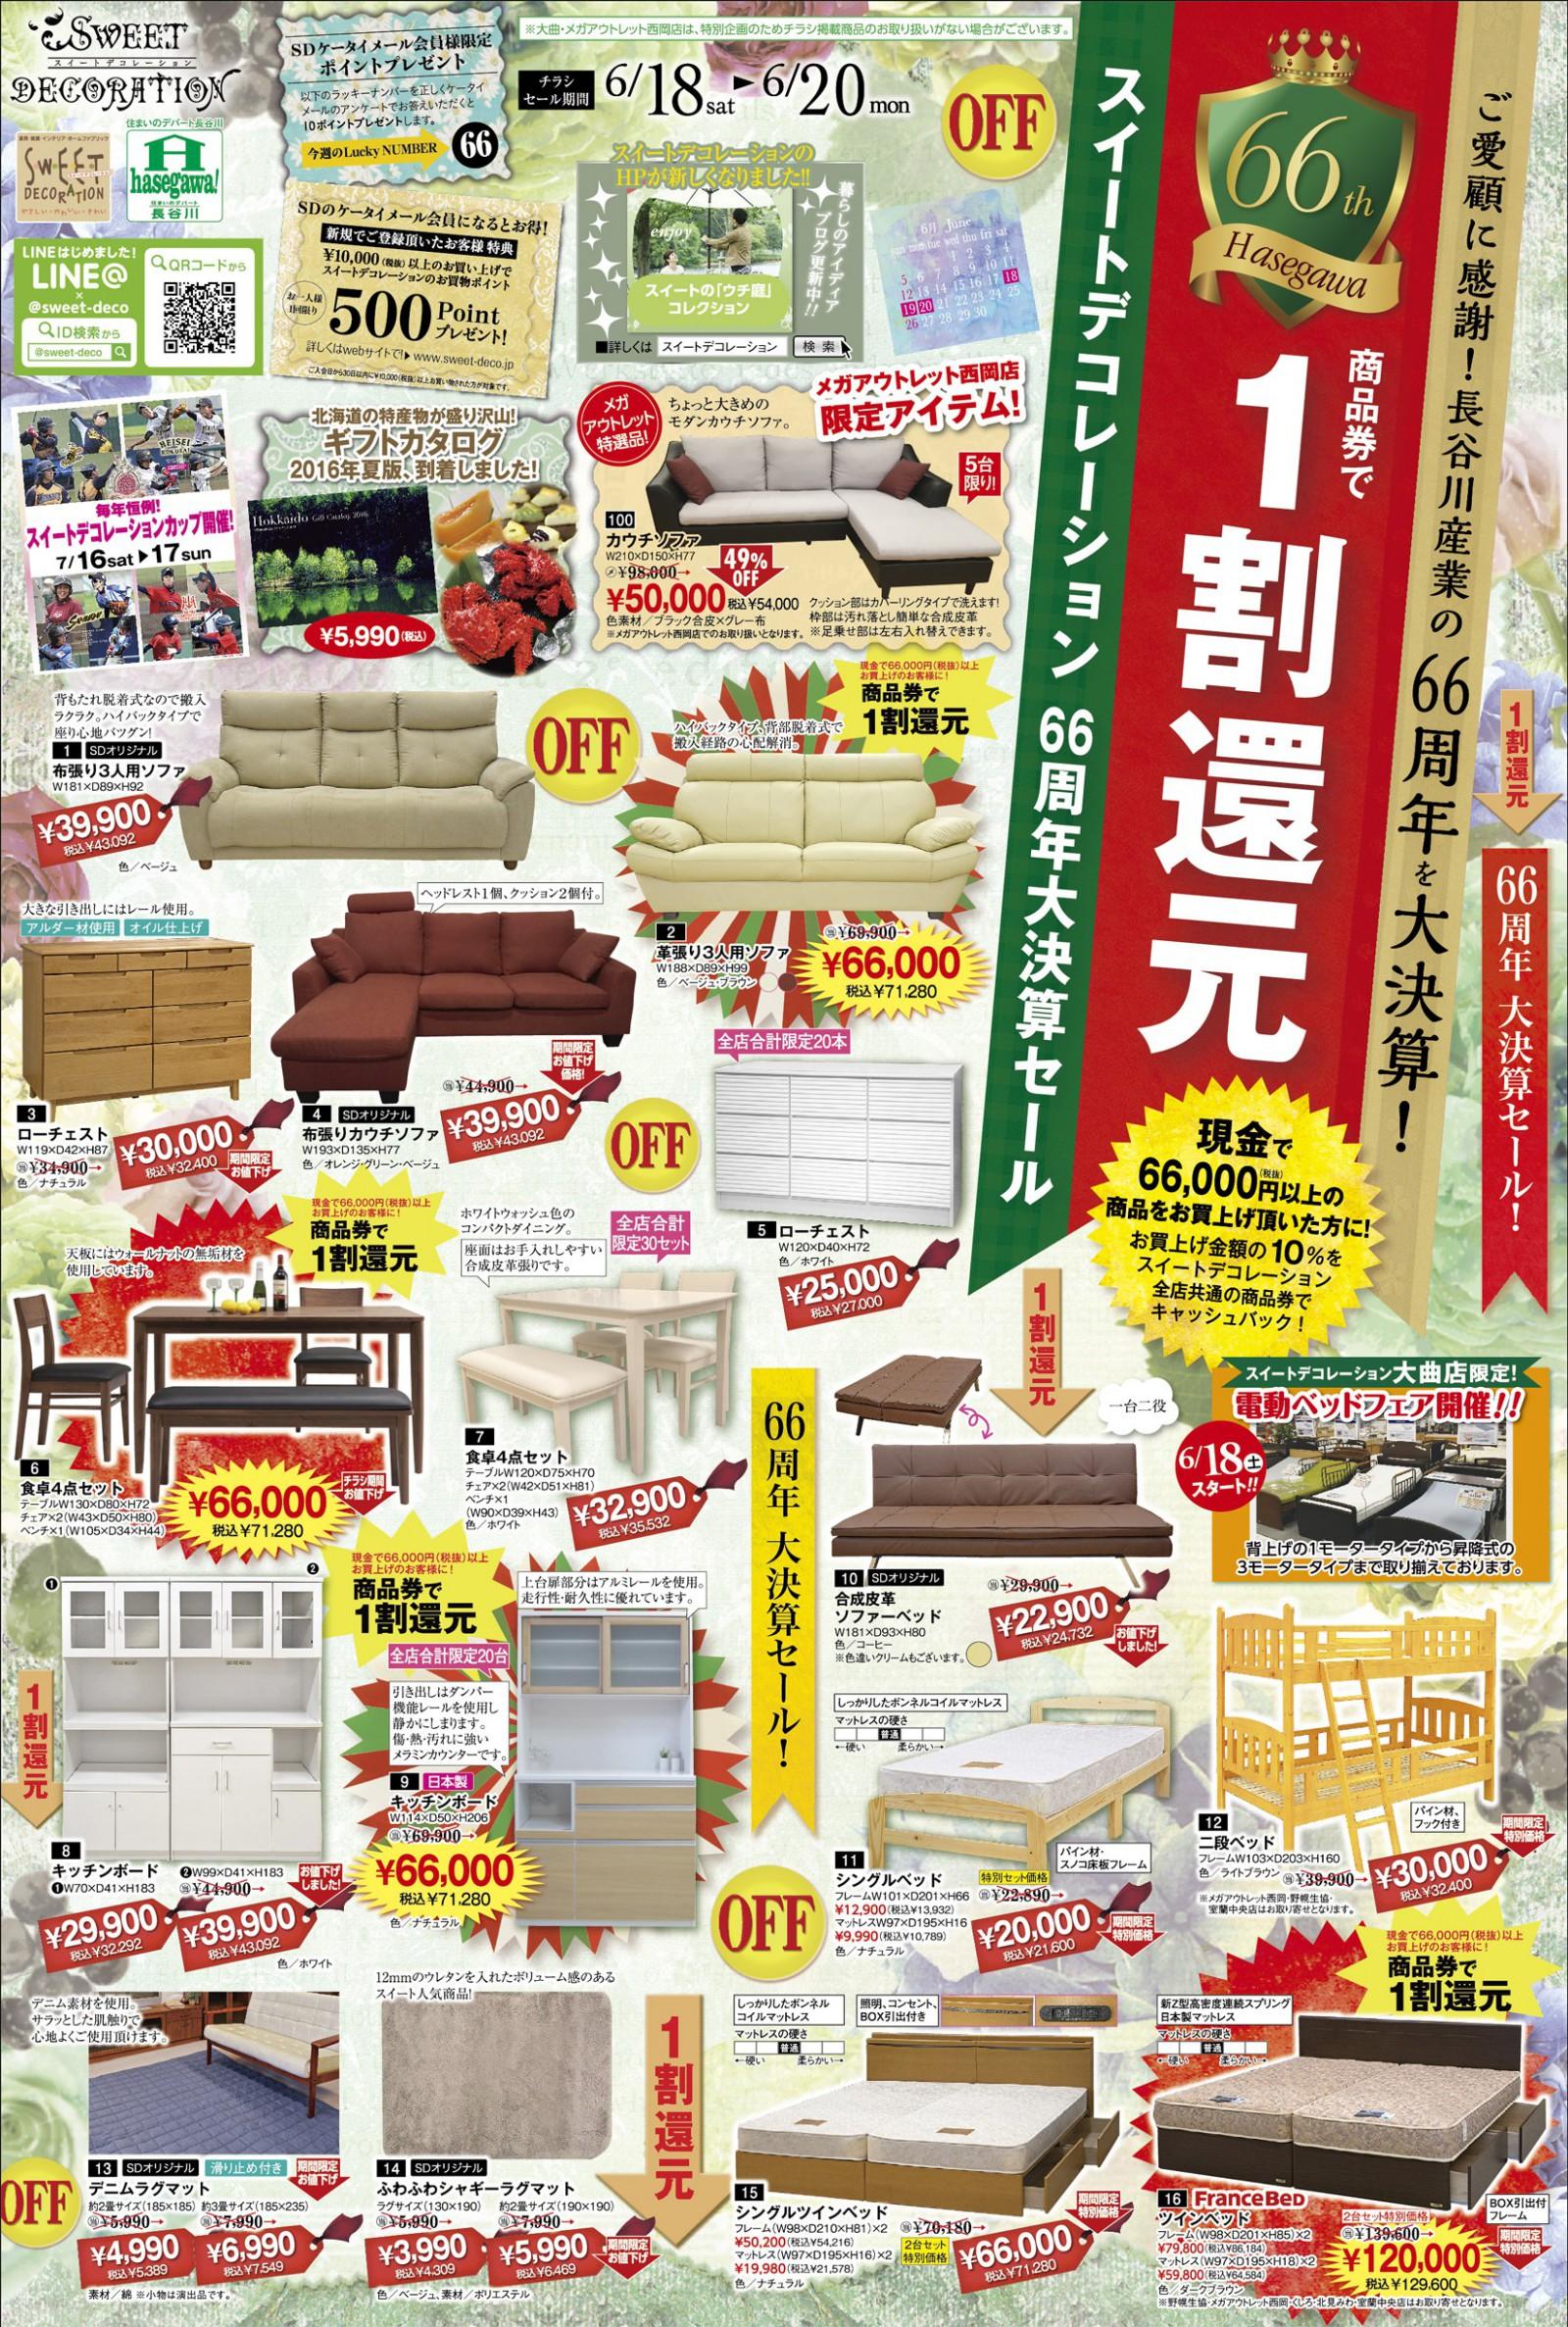 長谷川産業66周年大決算セール 商品券で1割還元 | チラシ ...